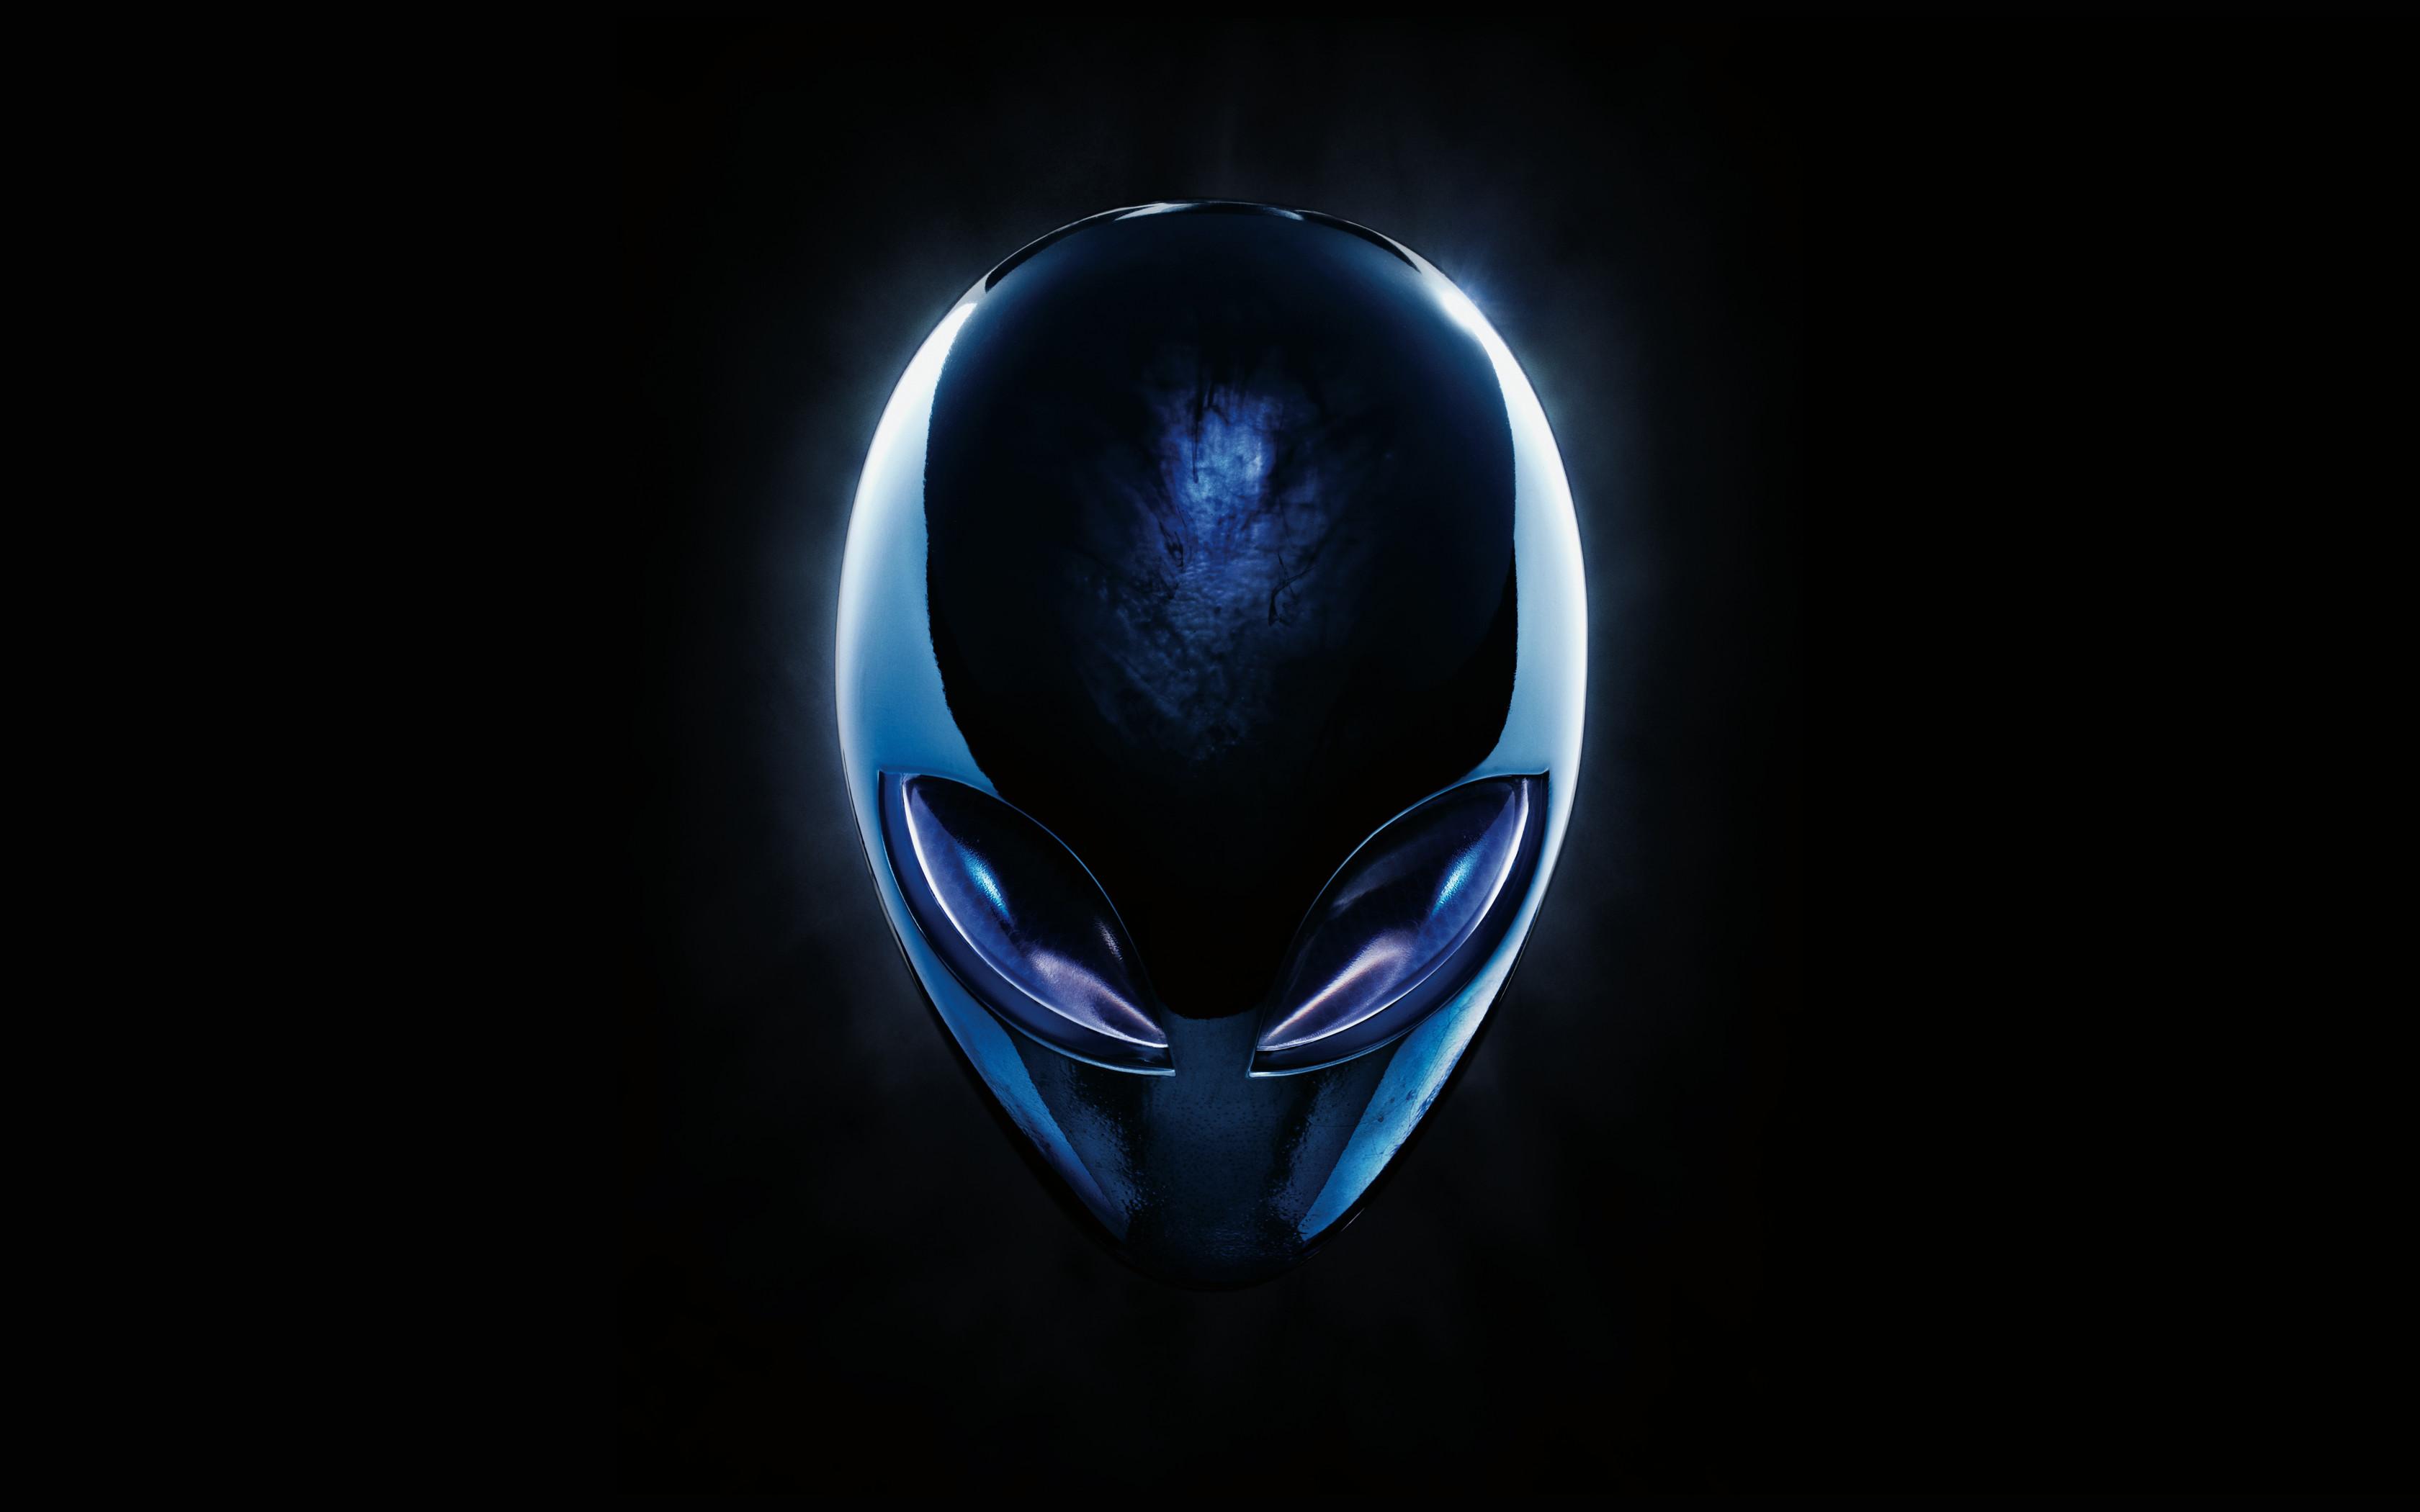 Alienware Wallpaper Pictures